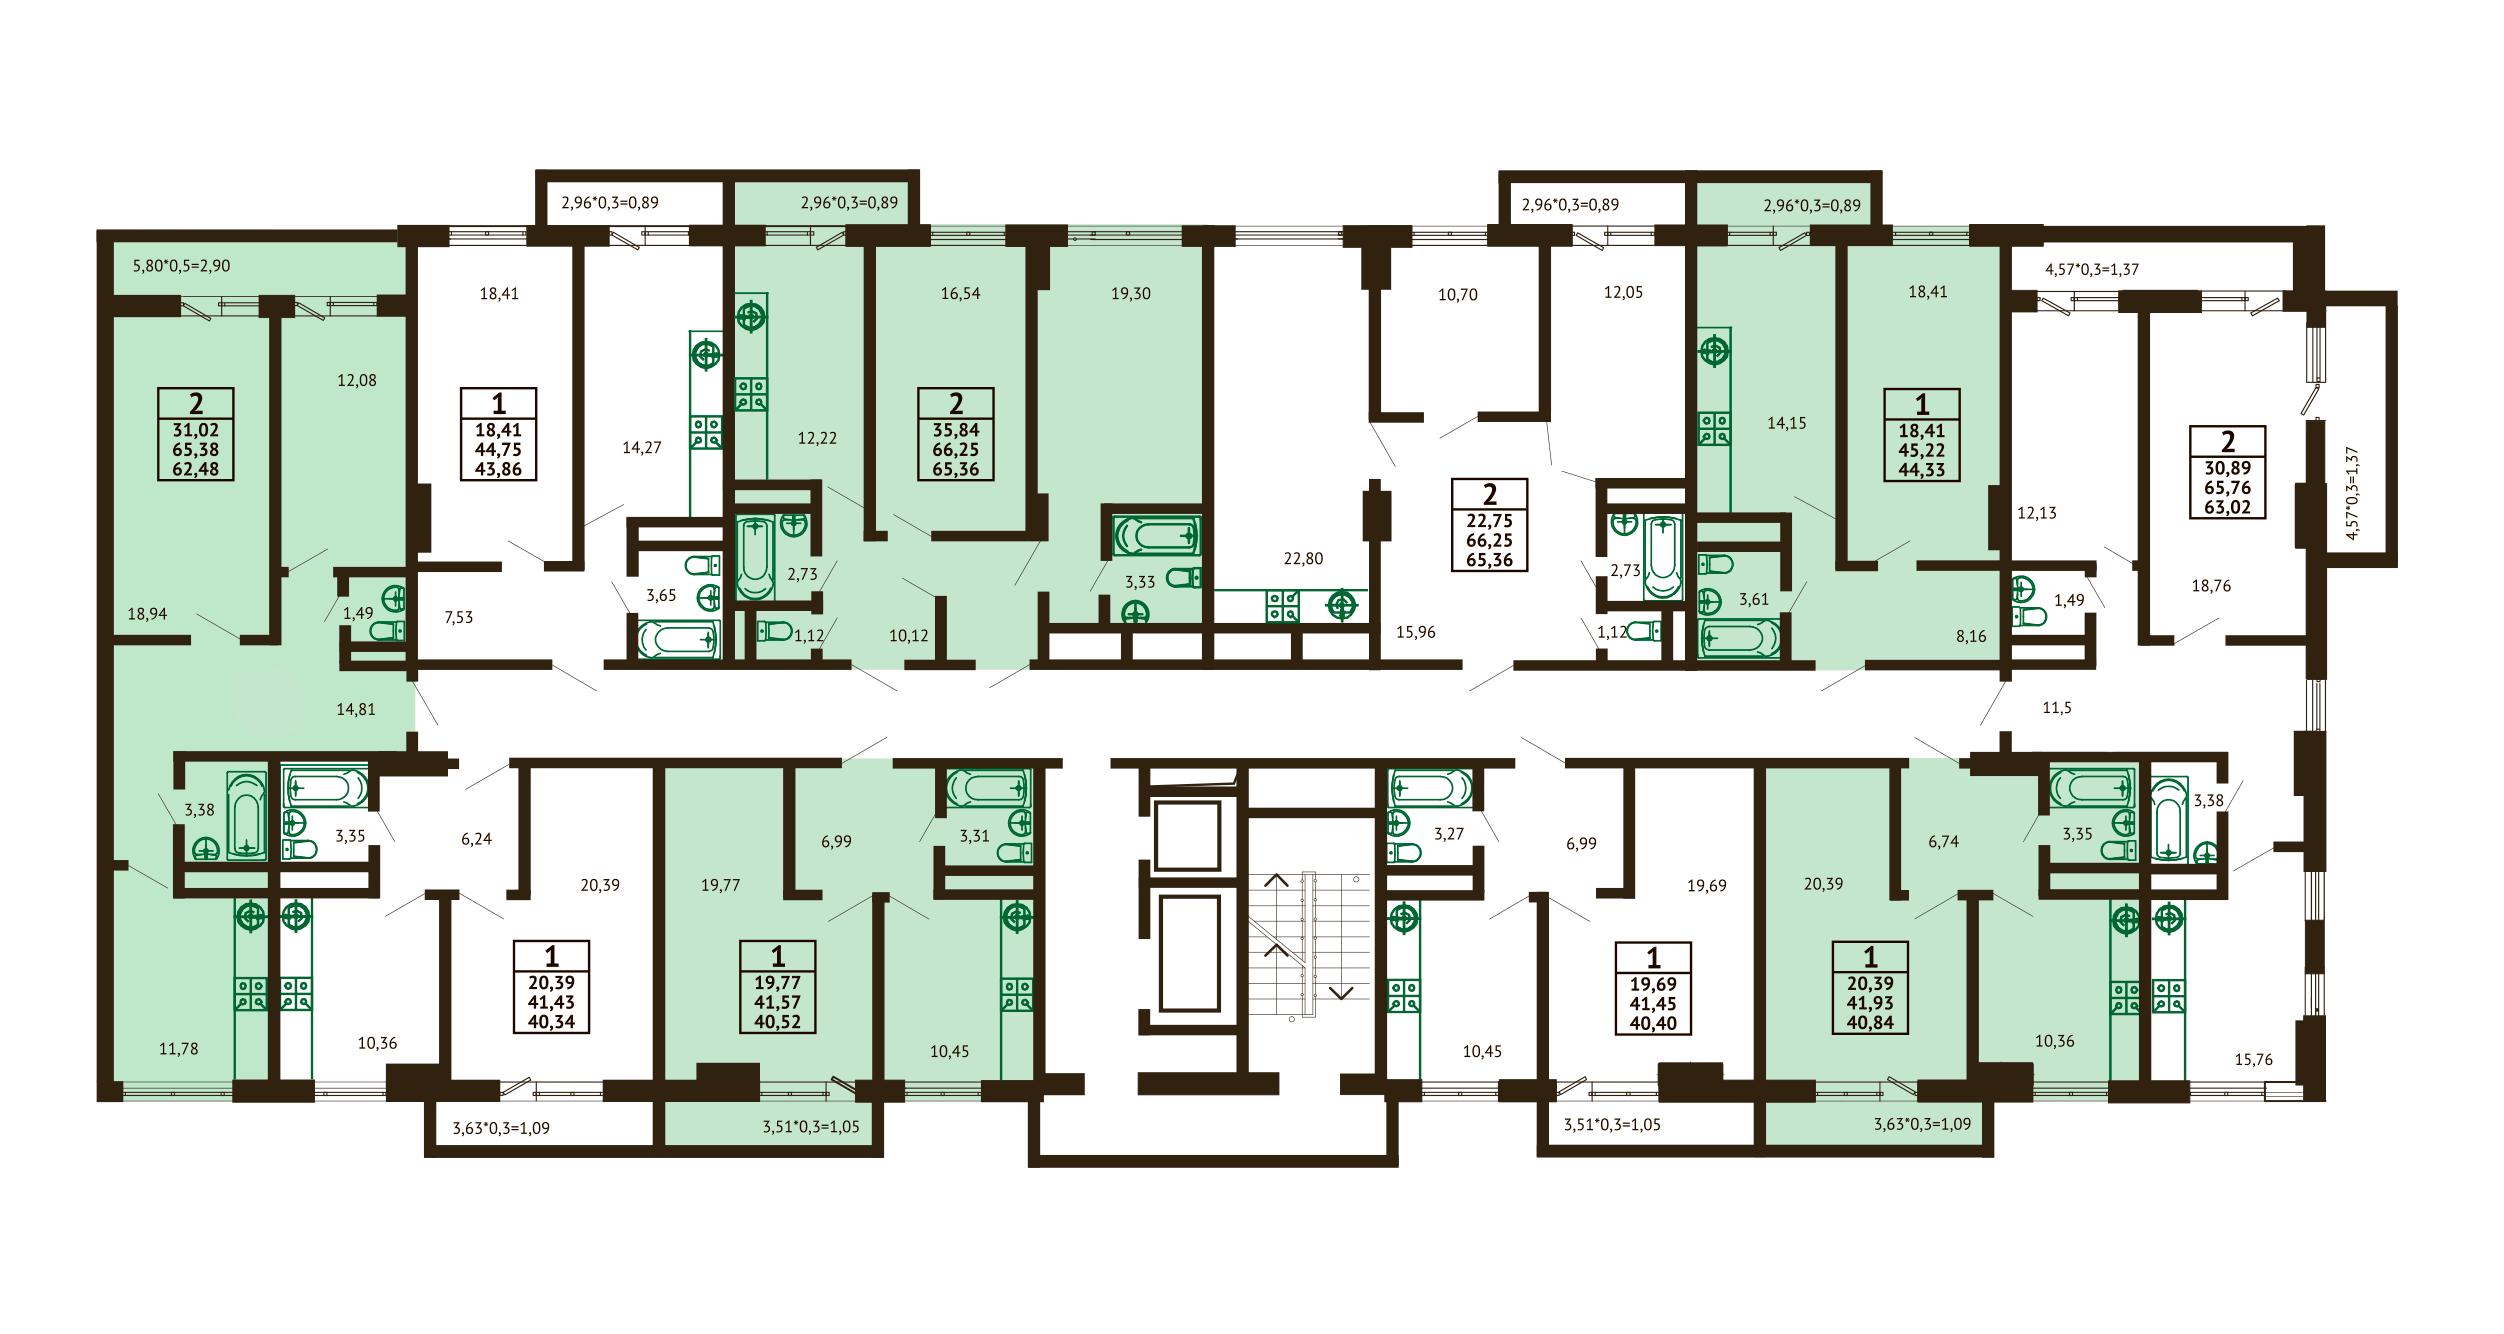 Планировка ЖК Грин Парк Литер 3 - Подъезд 2 - Этаж 9